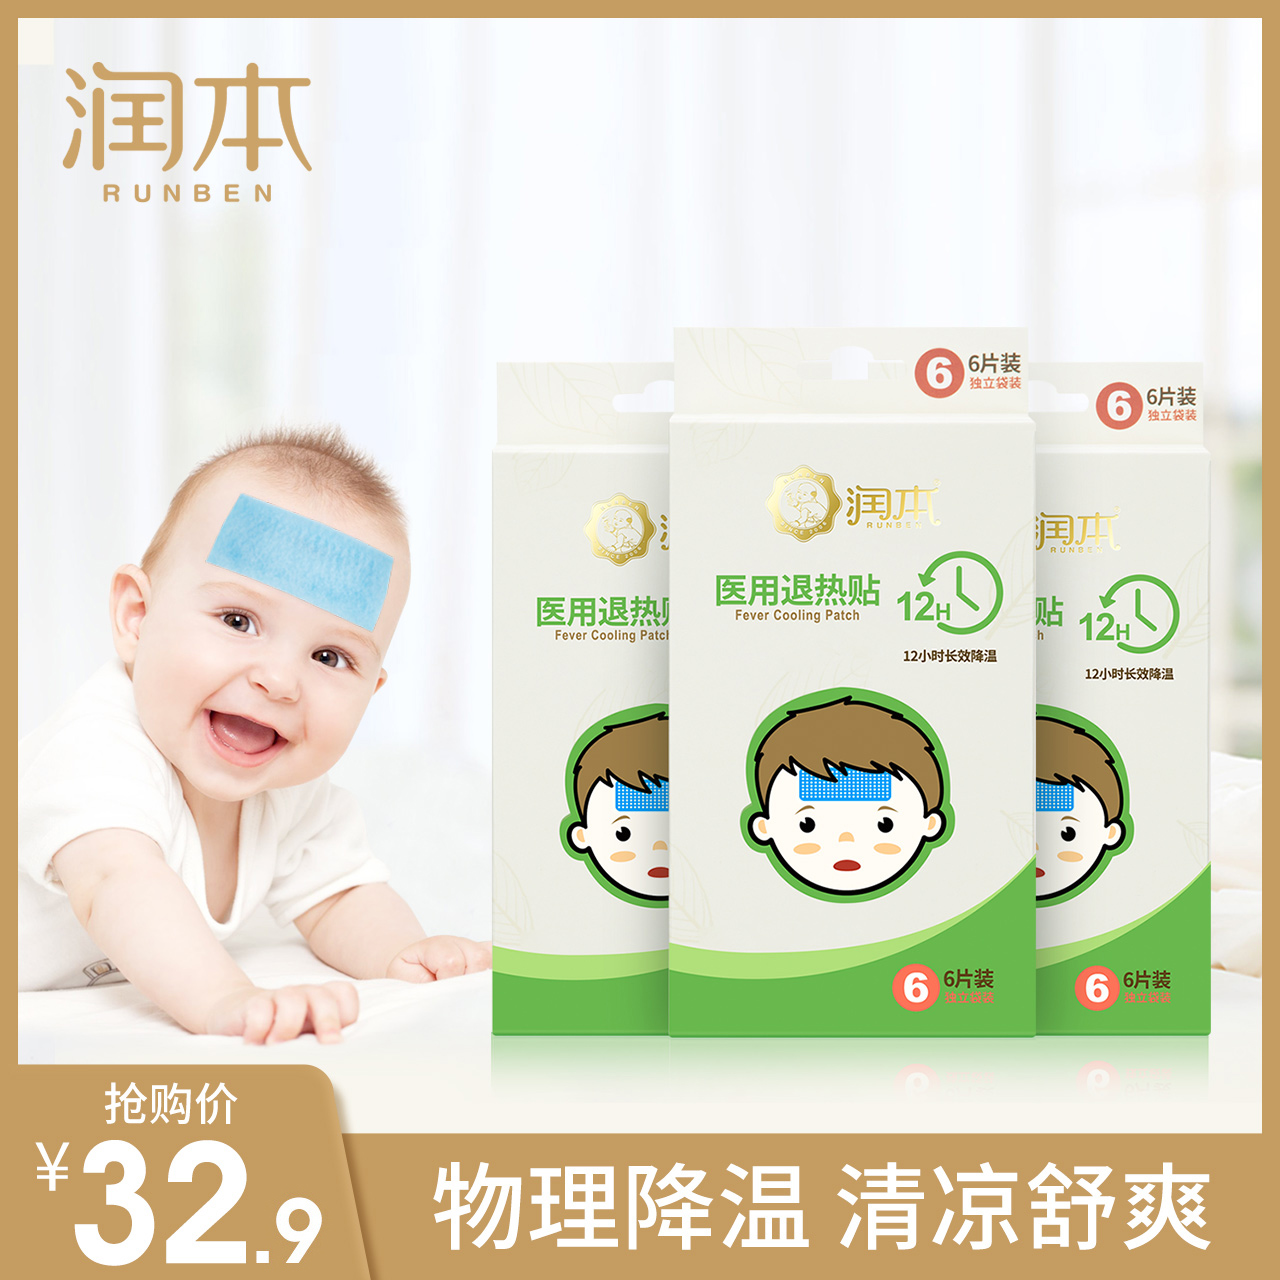 润本婴儿退热贴 宝宝退烧贴儿童降温贴物理降温发烧退热冰贴 18片